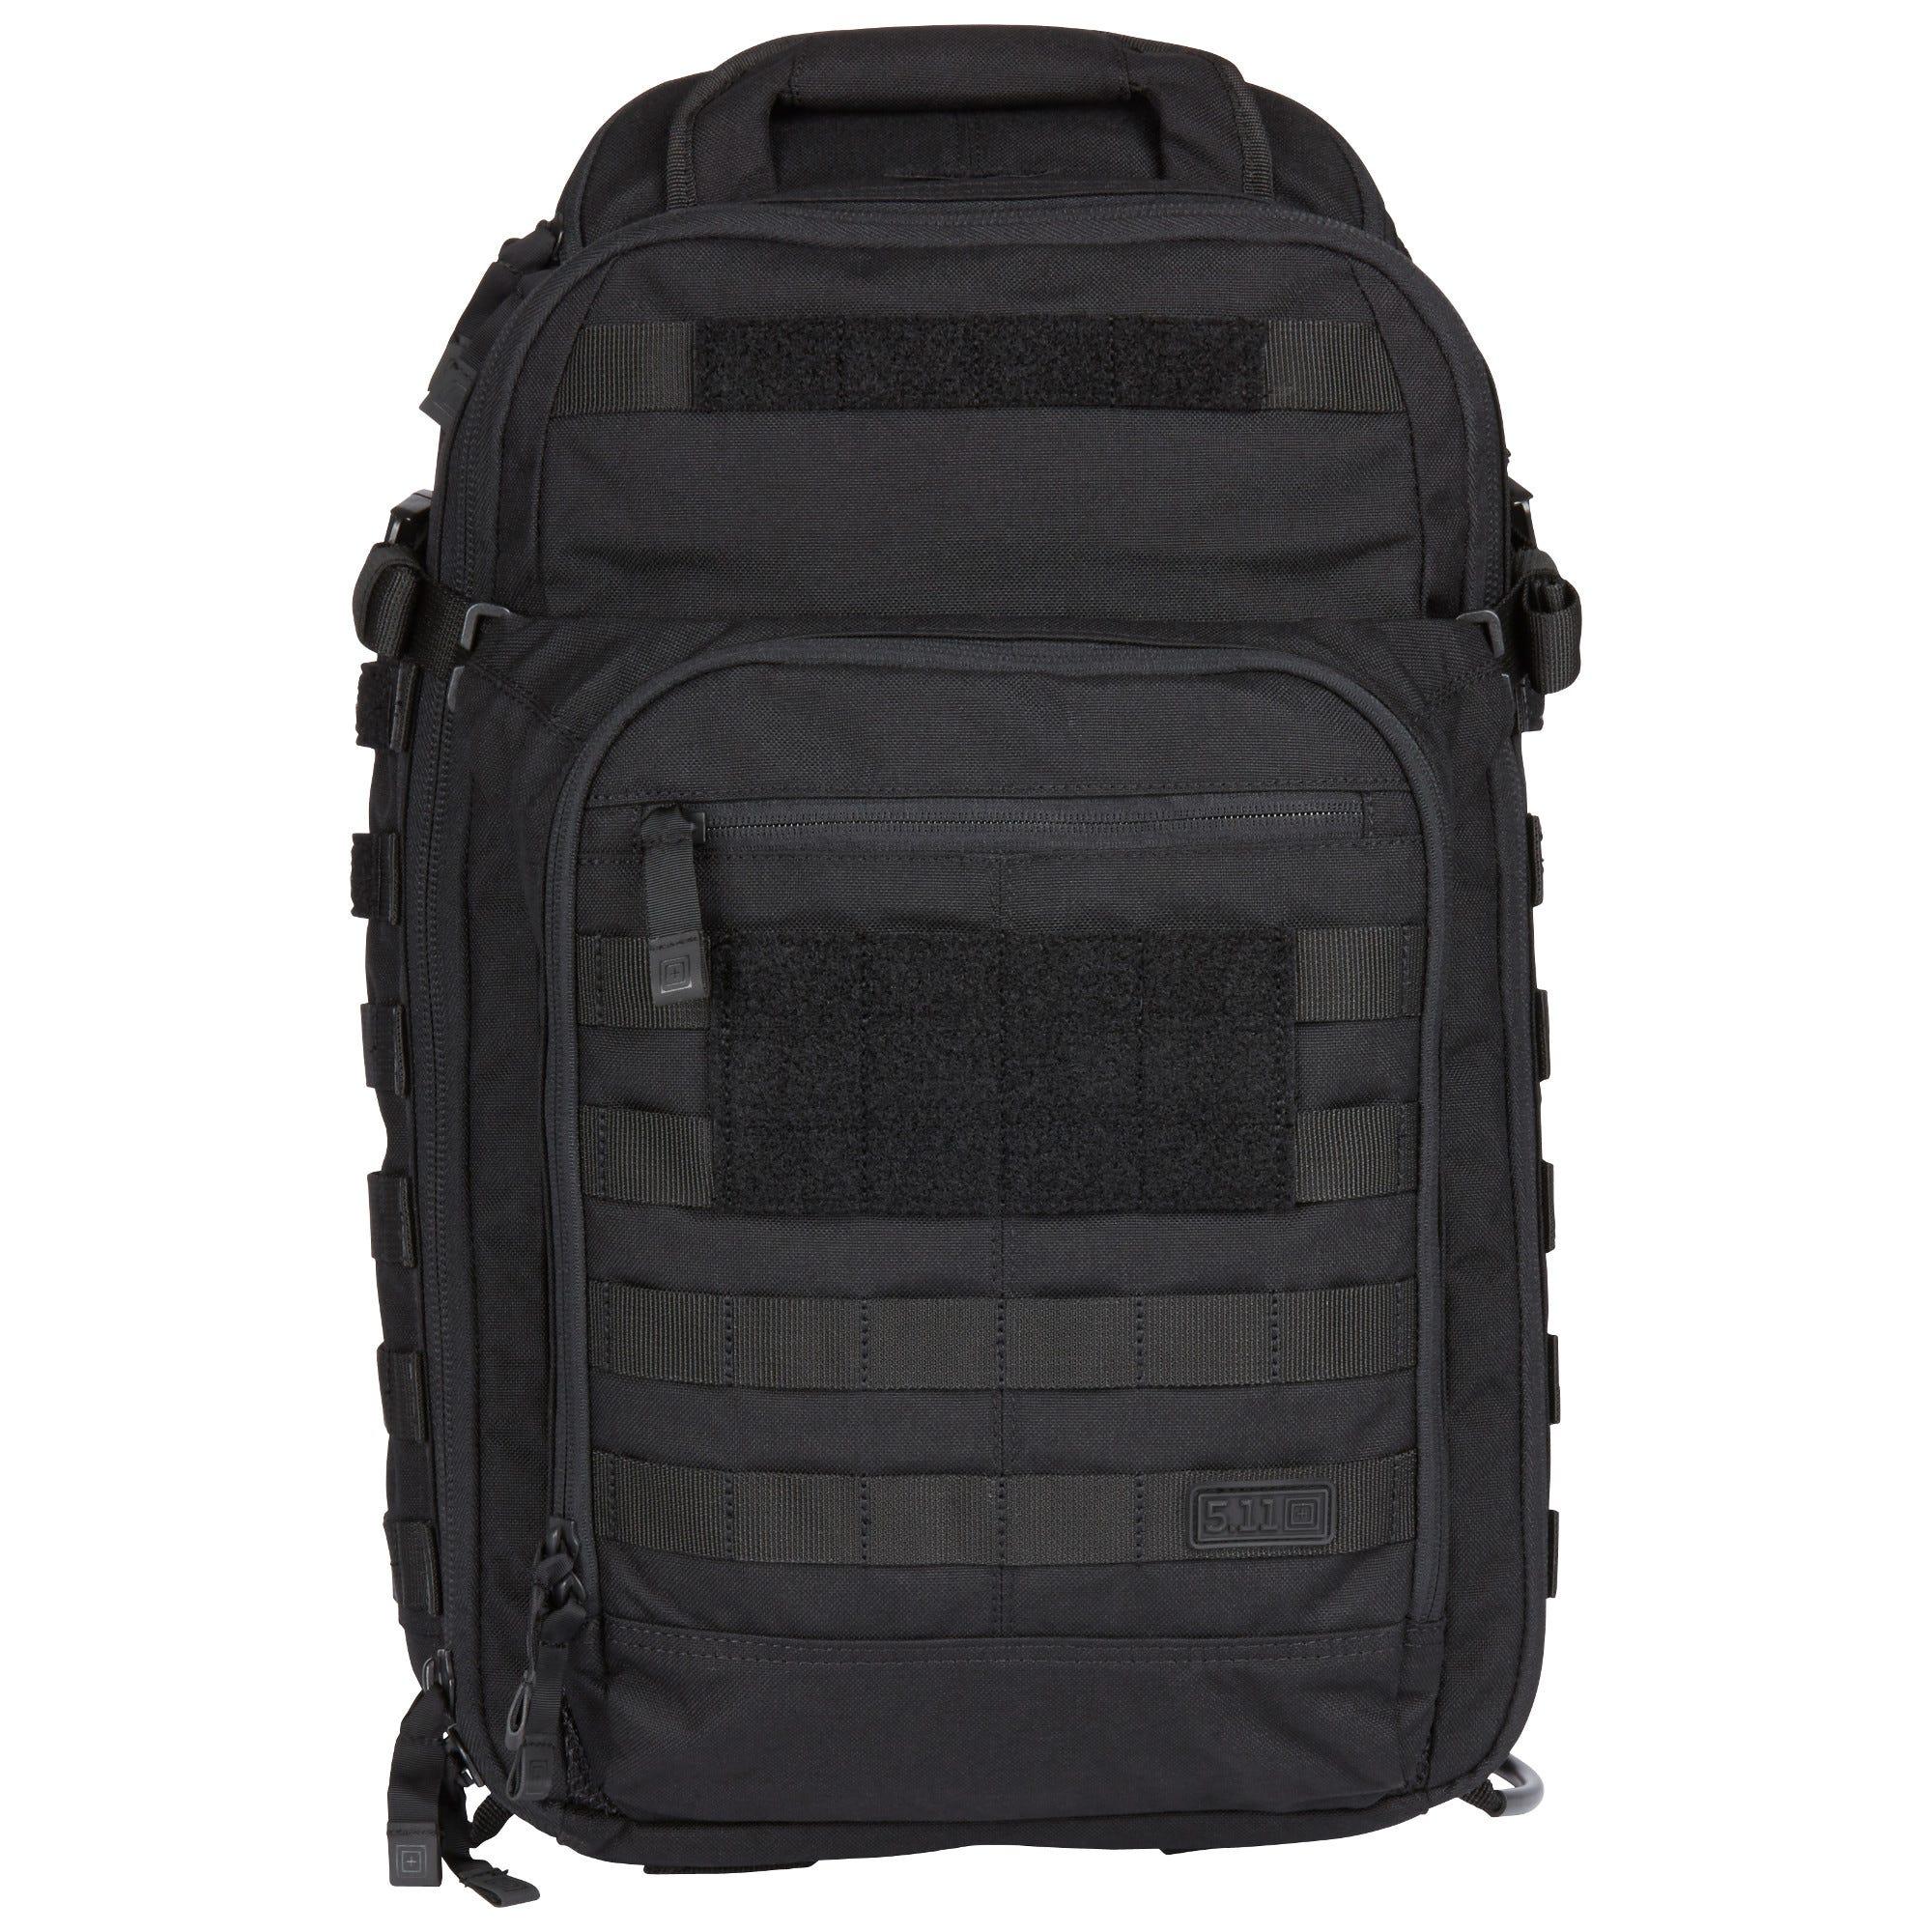 5.11 Tactical RUSH 24 Tactical Backpack - 5.11 Tactical cbbaf5269fa71